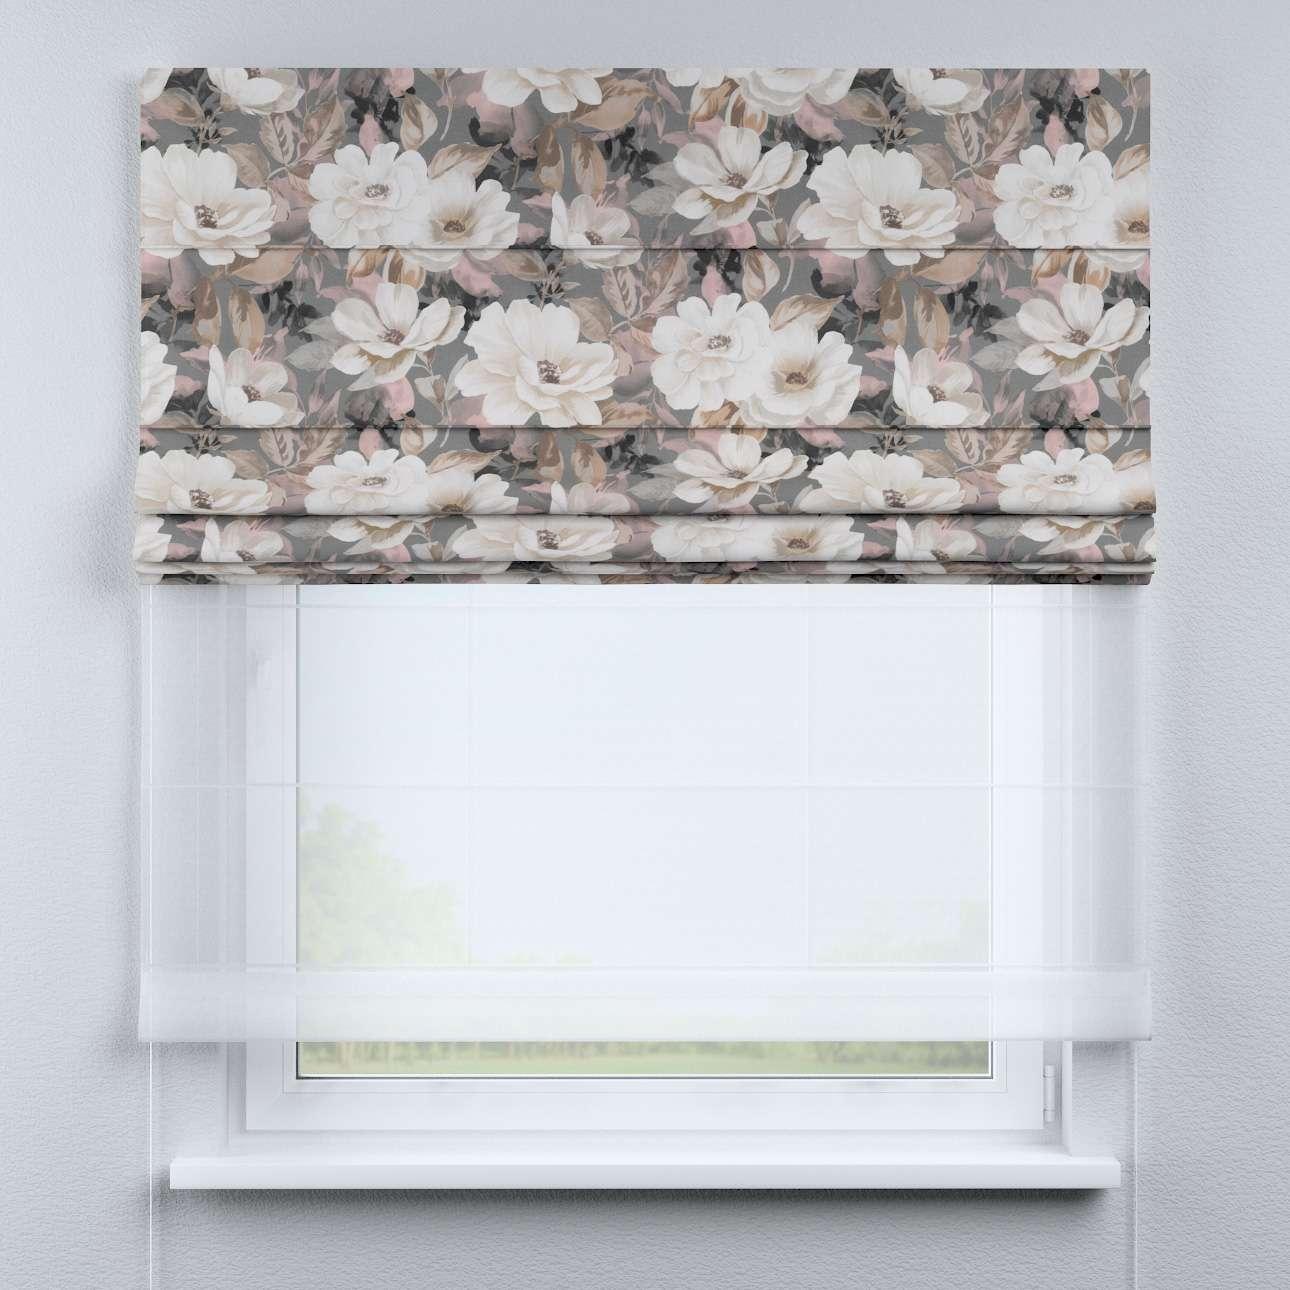 Roleta rzymska Duo w kolekcji Gardenia, tkanina: 142-13